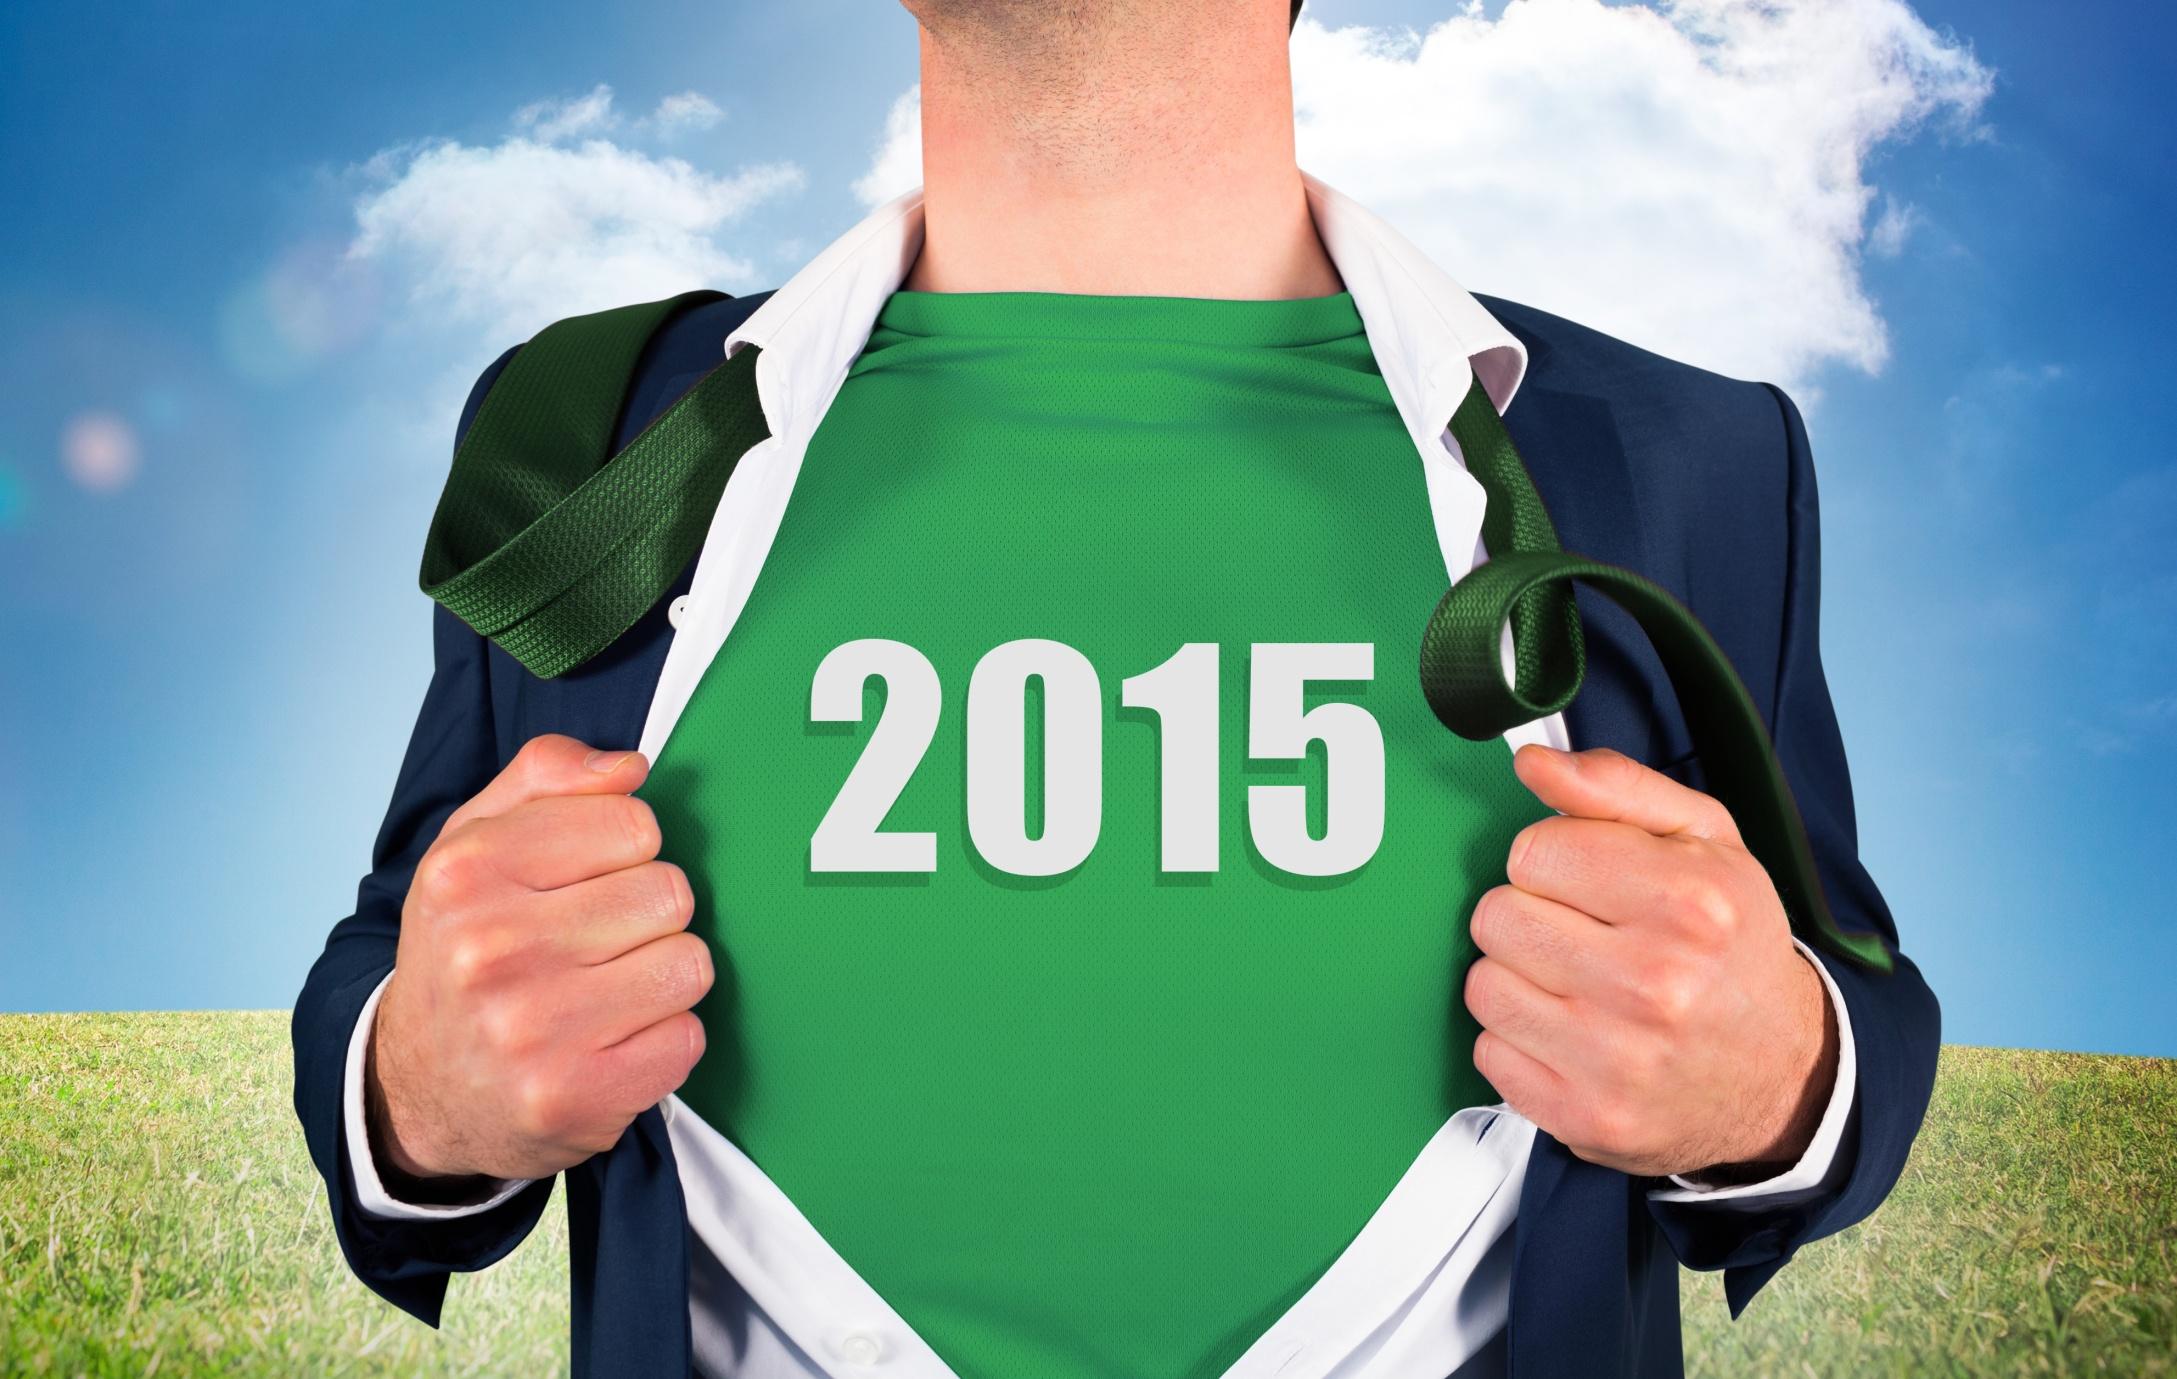 2015-_Green.jpg